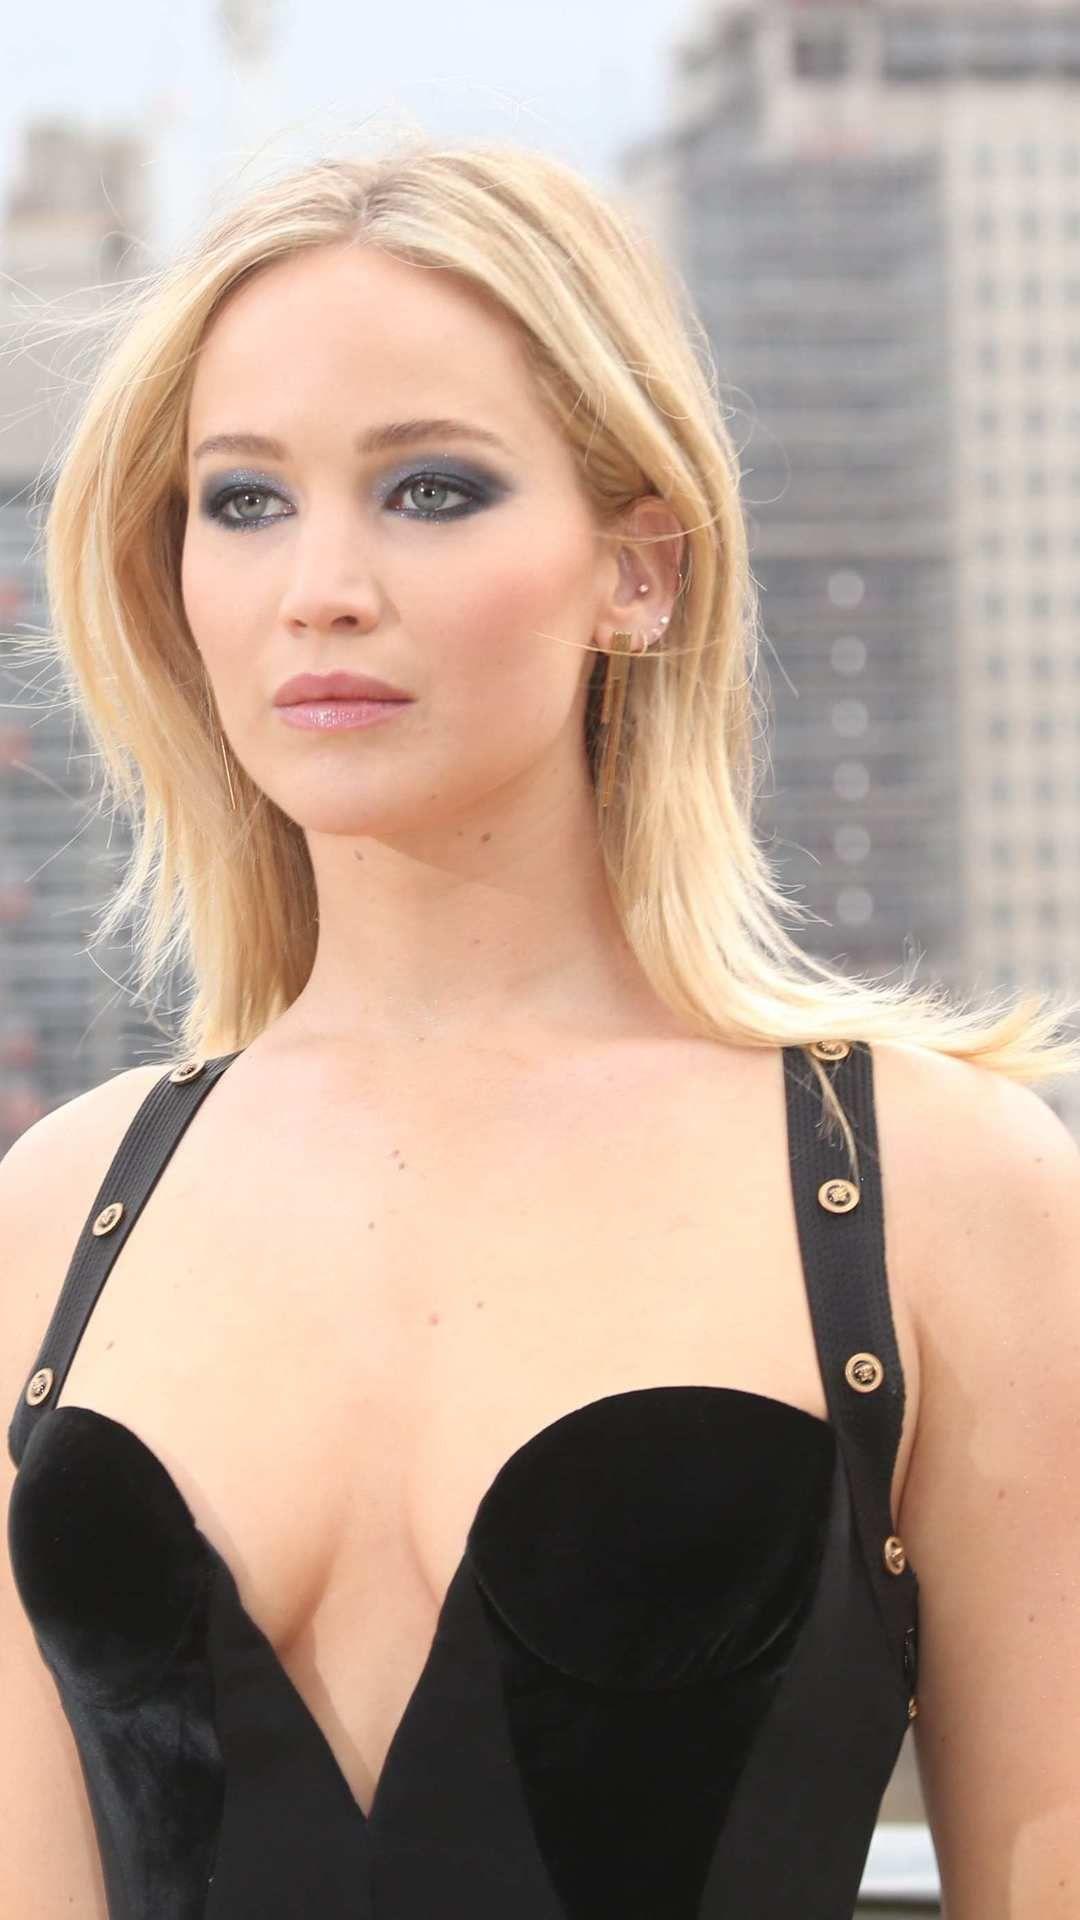 1080x1920 Jennifer Lawrence Celebrities Girls Model Hd For Iphone 6 7 8 Wallpaper In 2020 Jennifer Lawrence Jennifer Lawrence Hot Jennifer Lawrence Hair